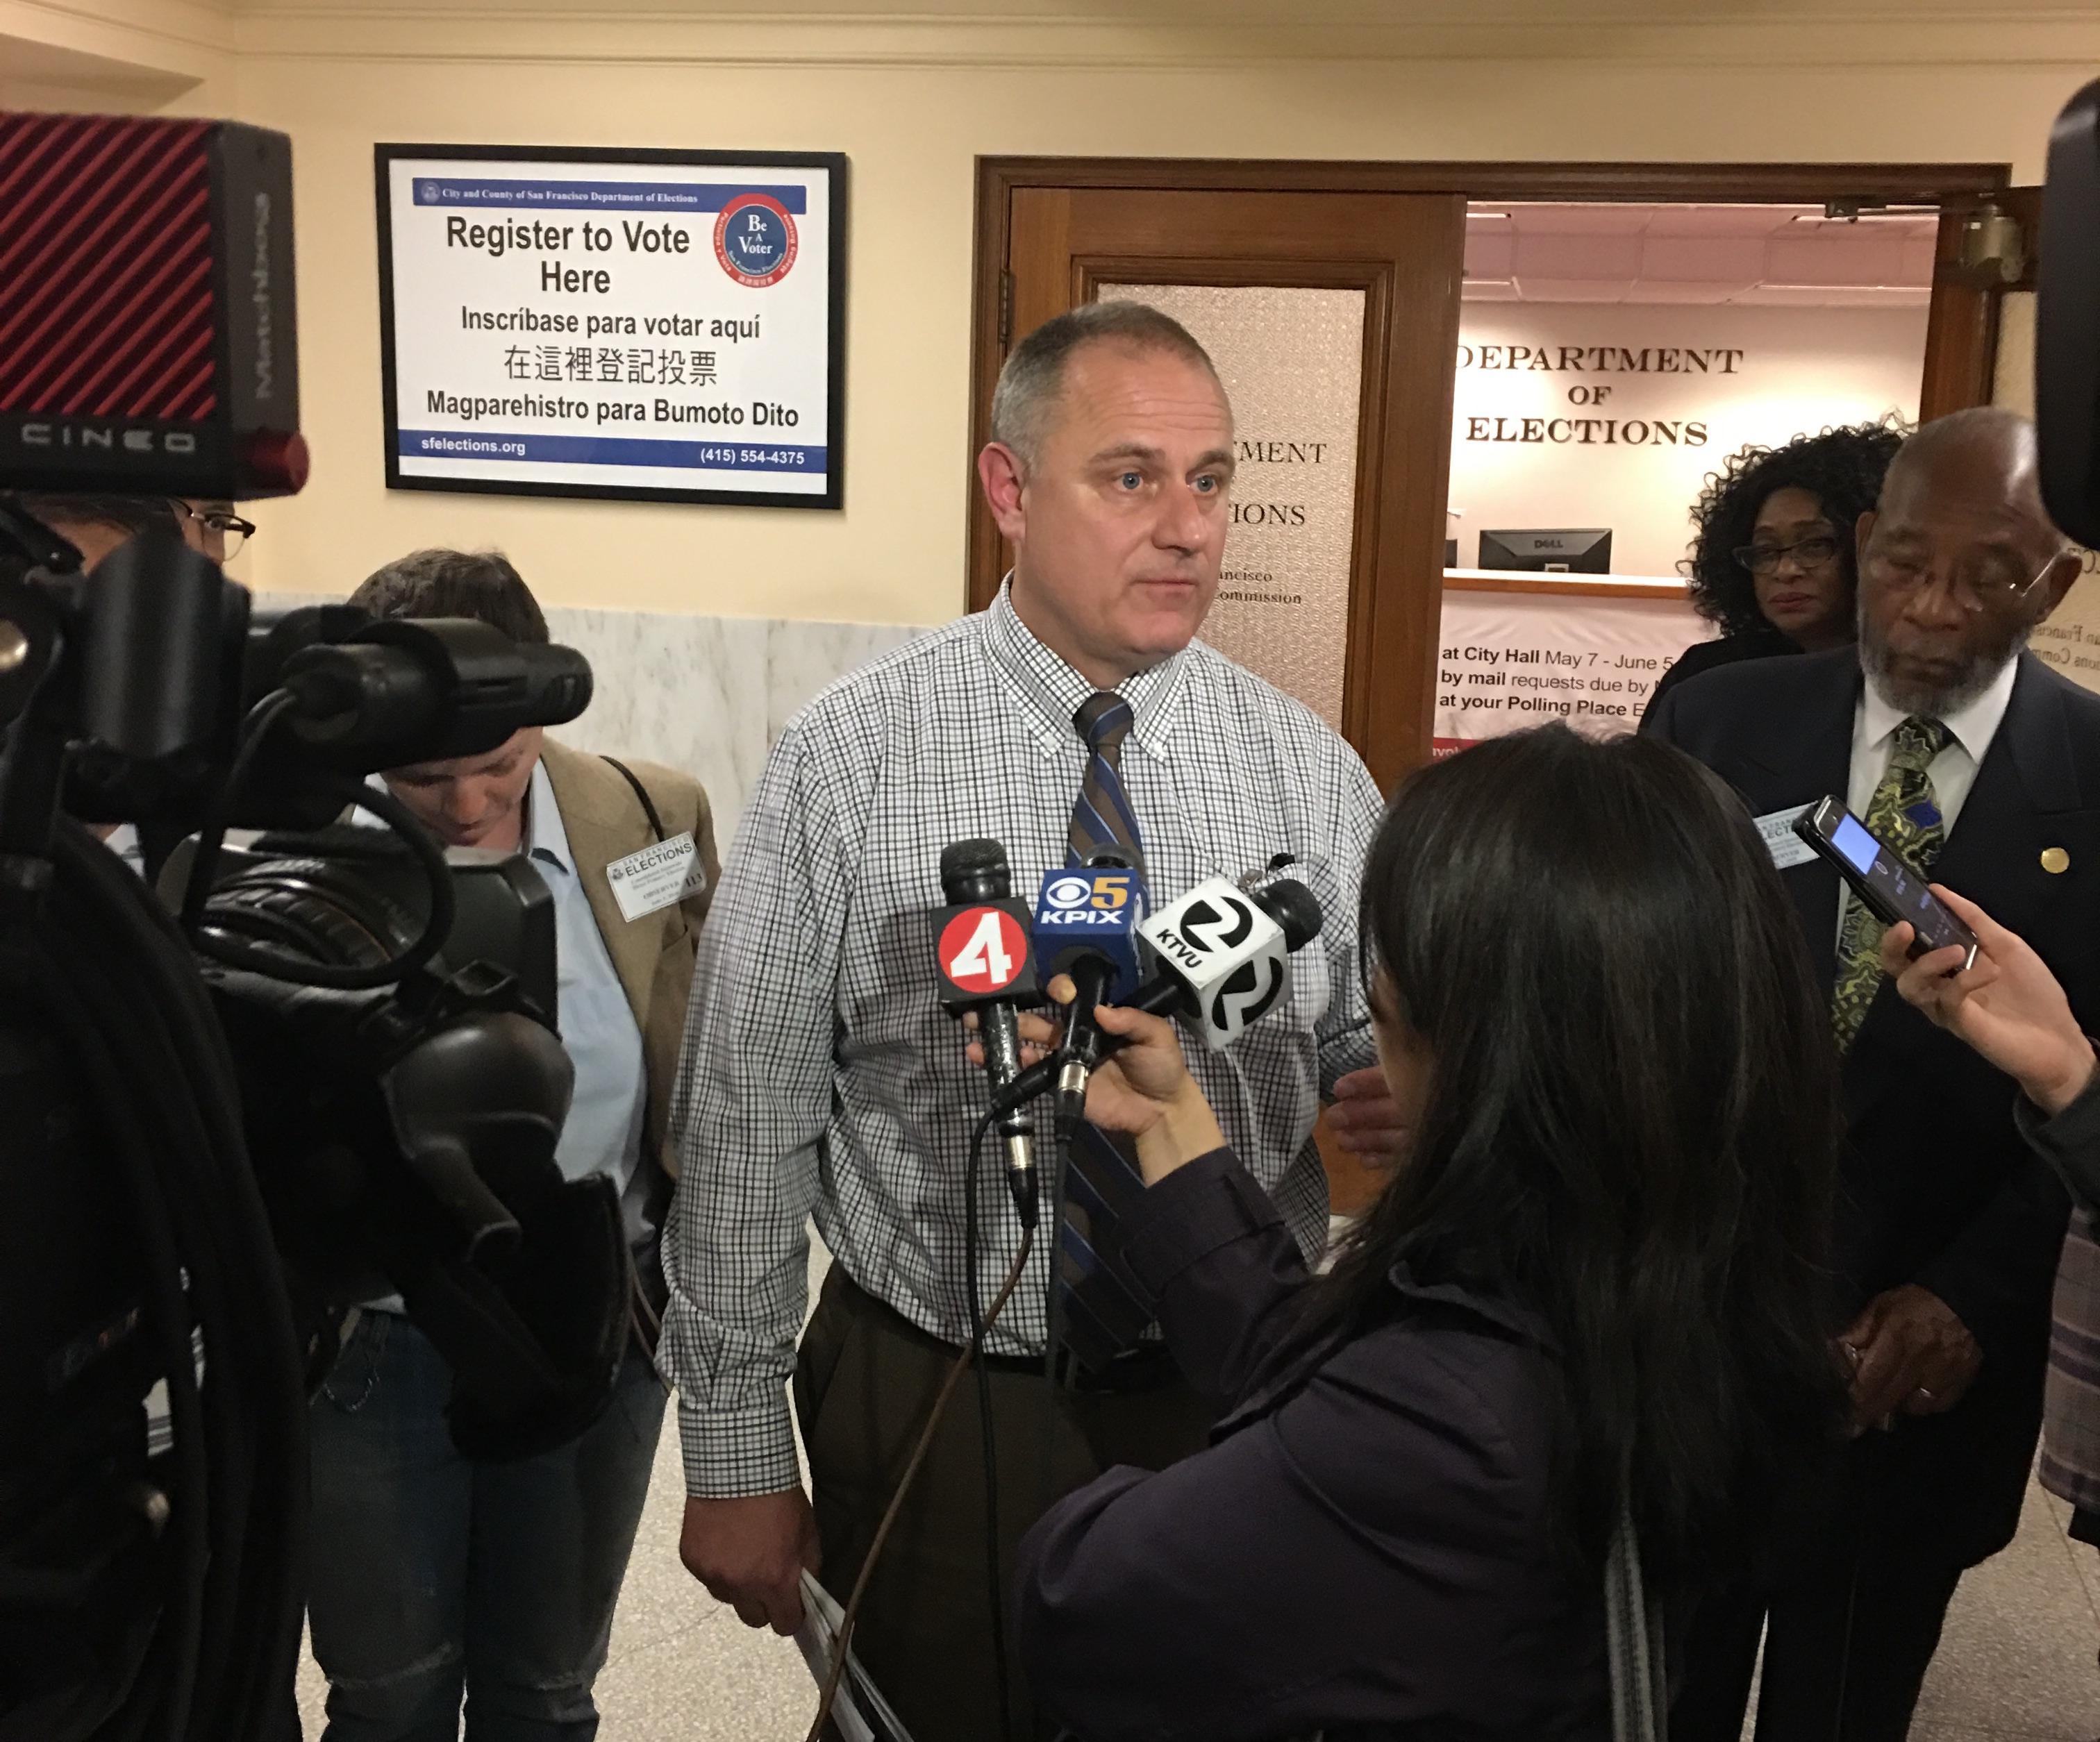 開票持續進行中,每天下午4時的選務處發布會中,處長艾茲都被媒體包圍。(記者李晗 / 攝影)